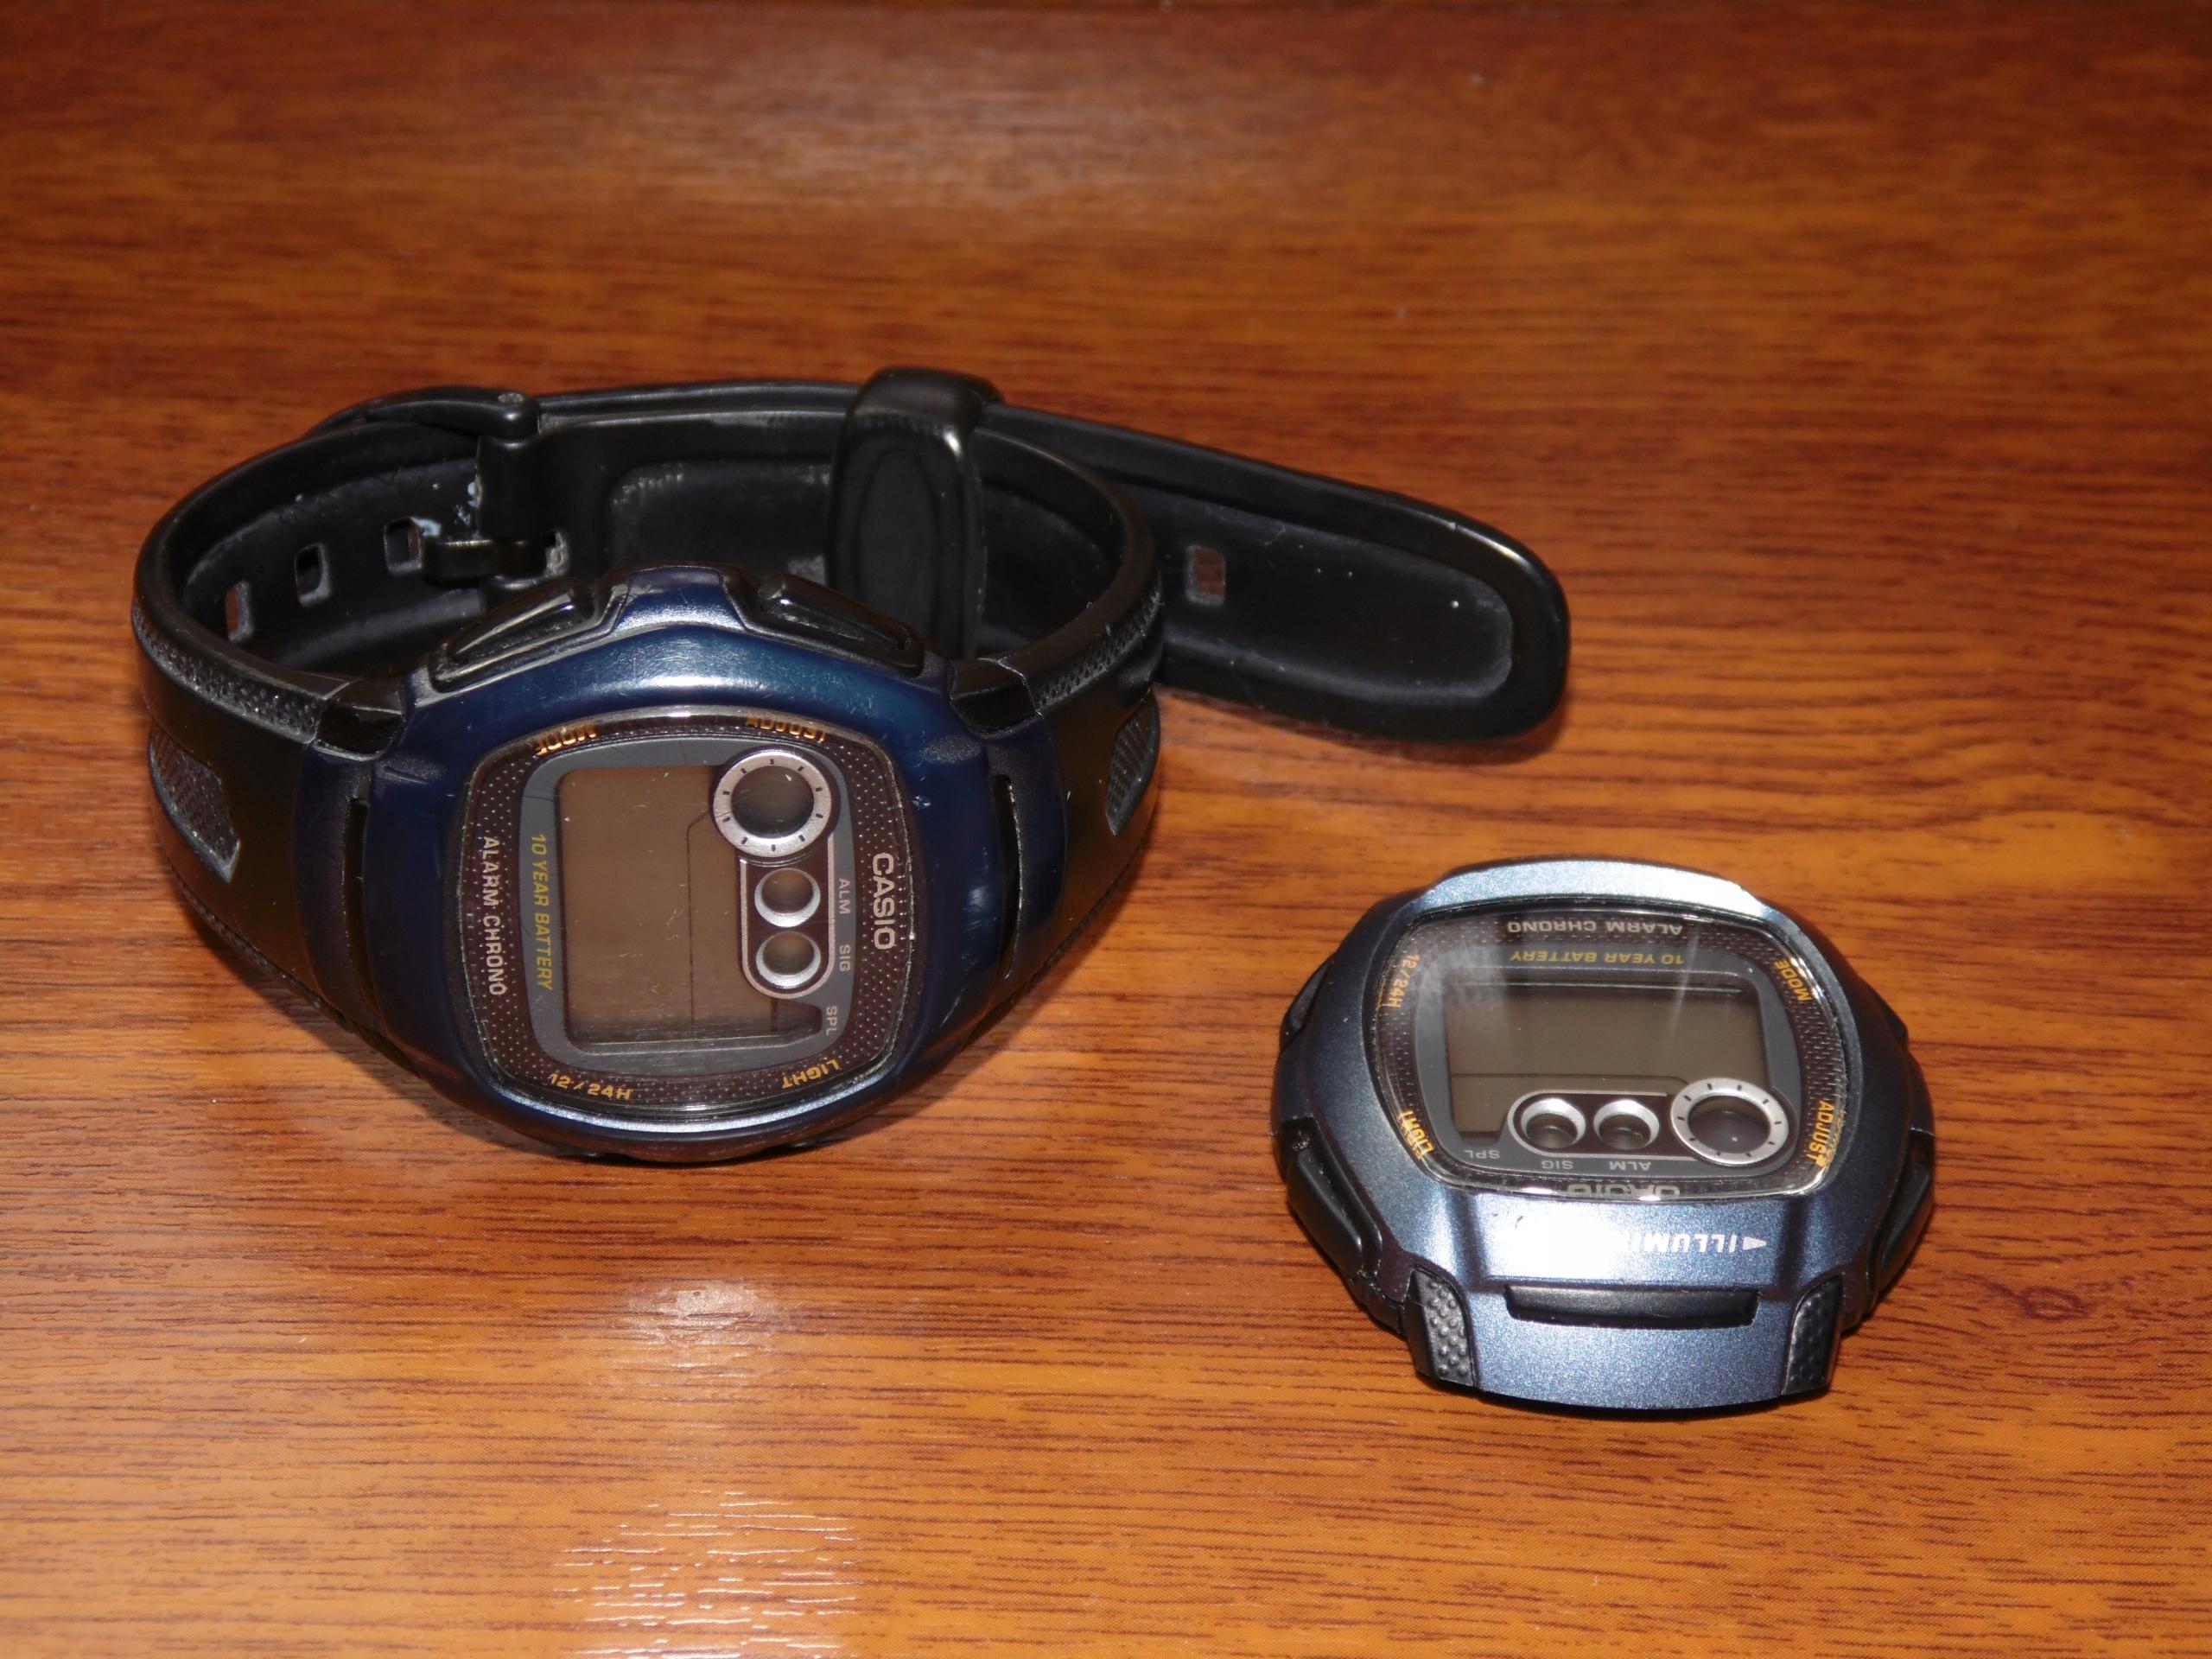 Oryginalne Casio W-210W-1B .... 2 sztuki.